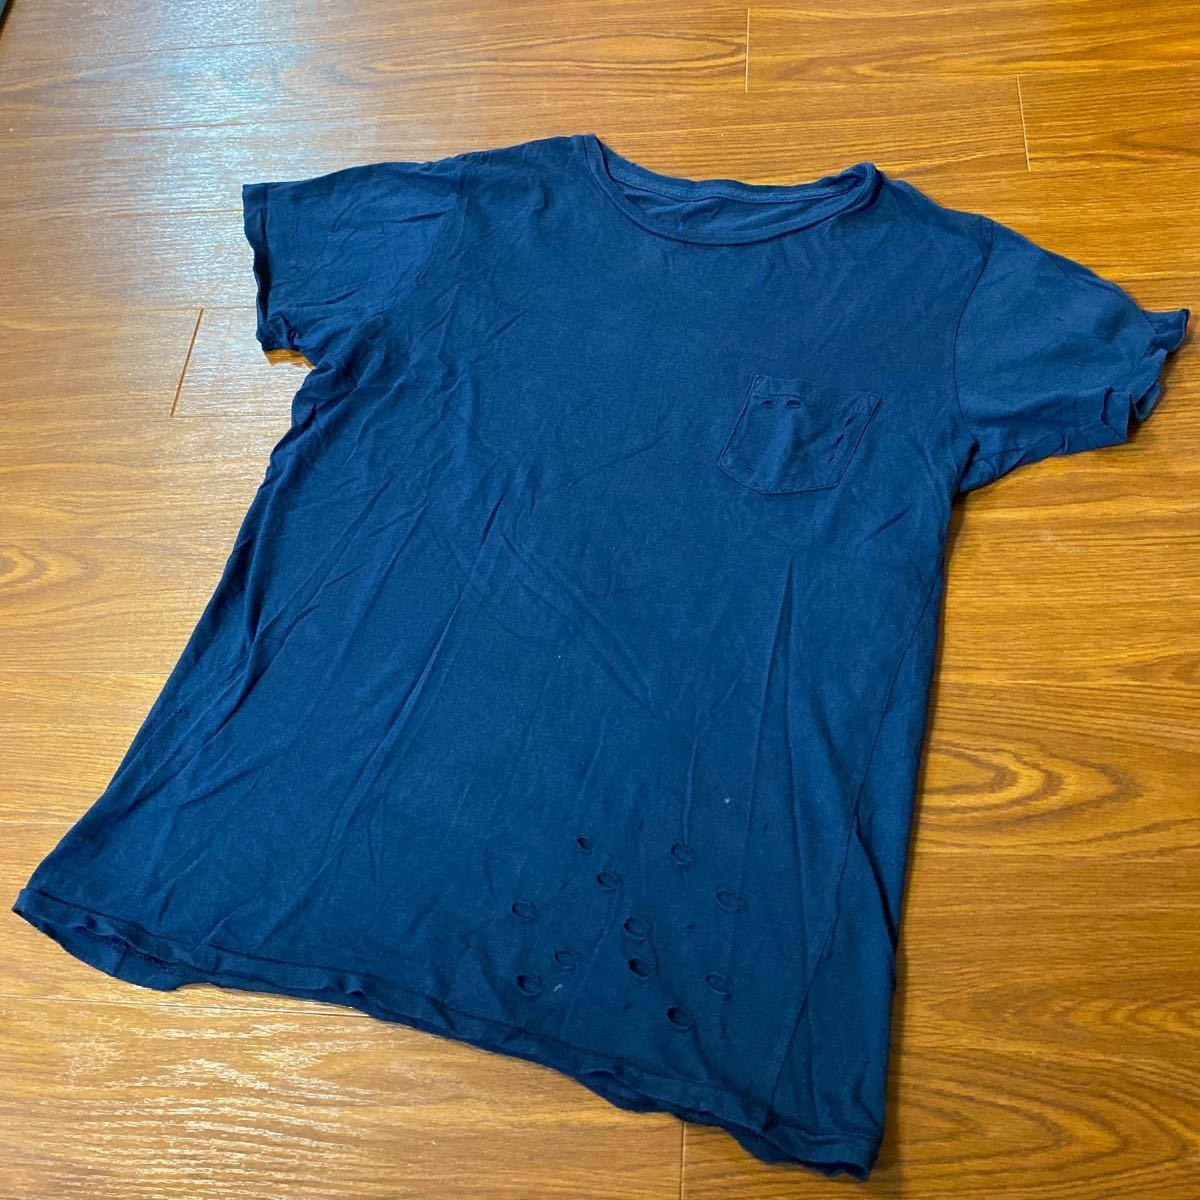 正規品 人気 ロンハーマンダメージTシャツ サザビーリーグ取扱いアメリカ製2made in USA SURF サーフ カリフォルニア アウトドアキャンプ